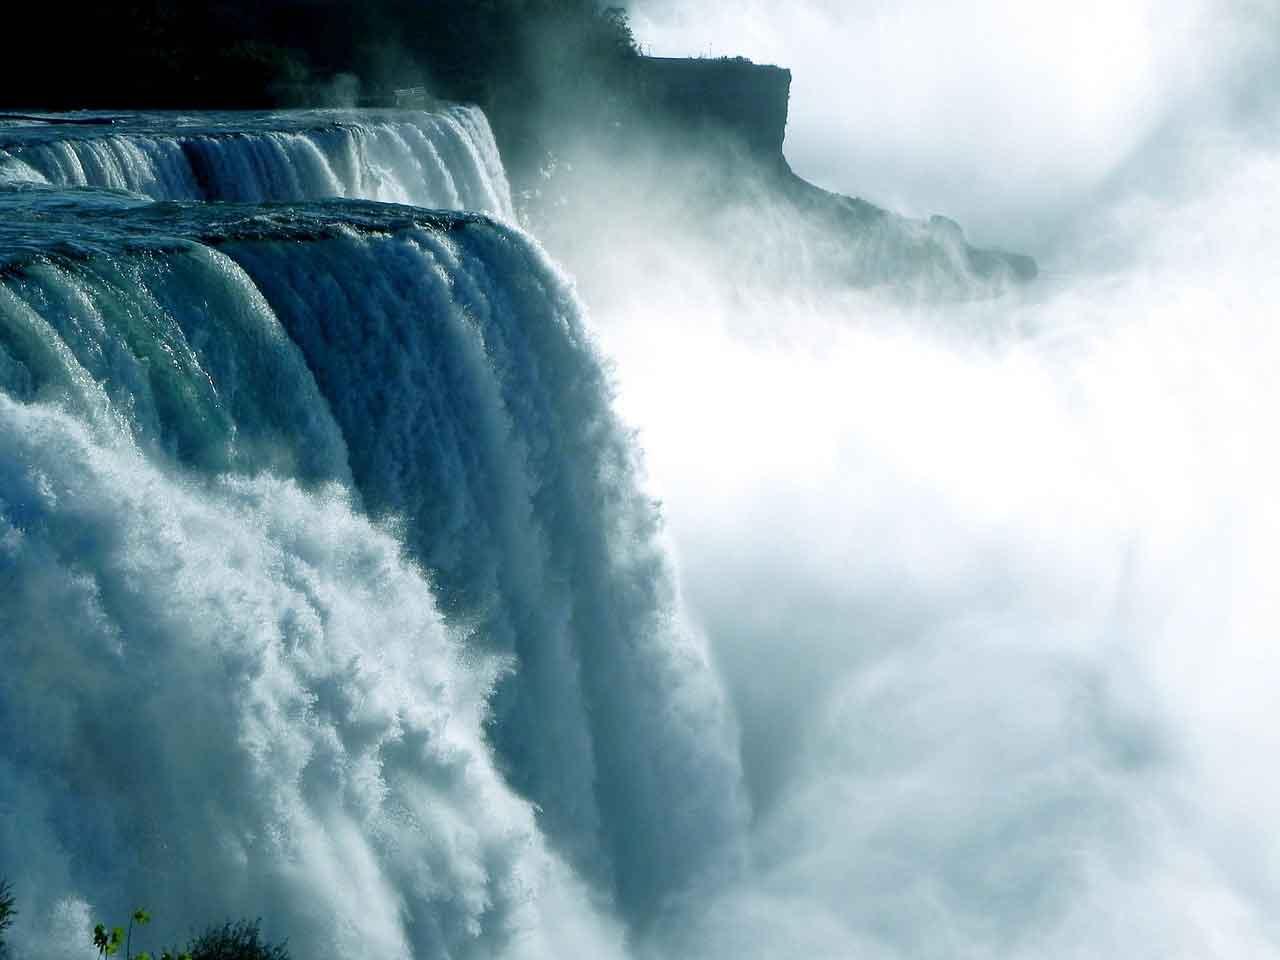 Waterfall - Poromoko la Maji